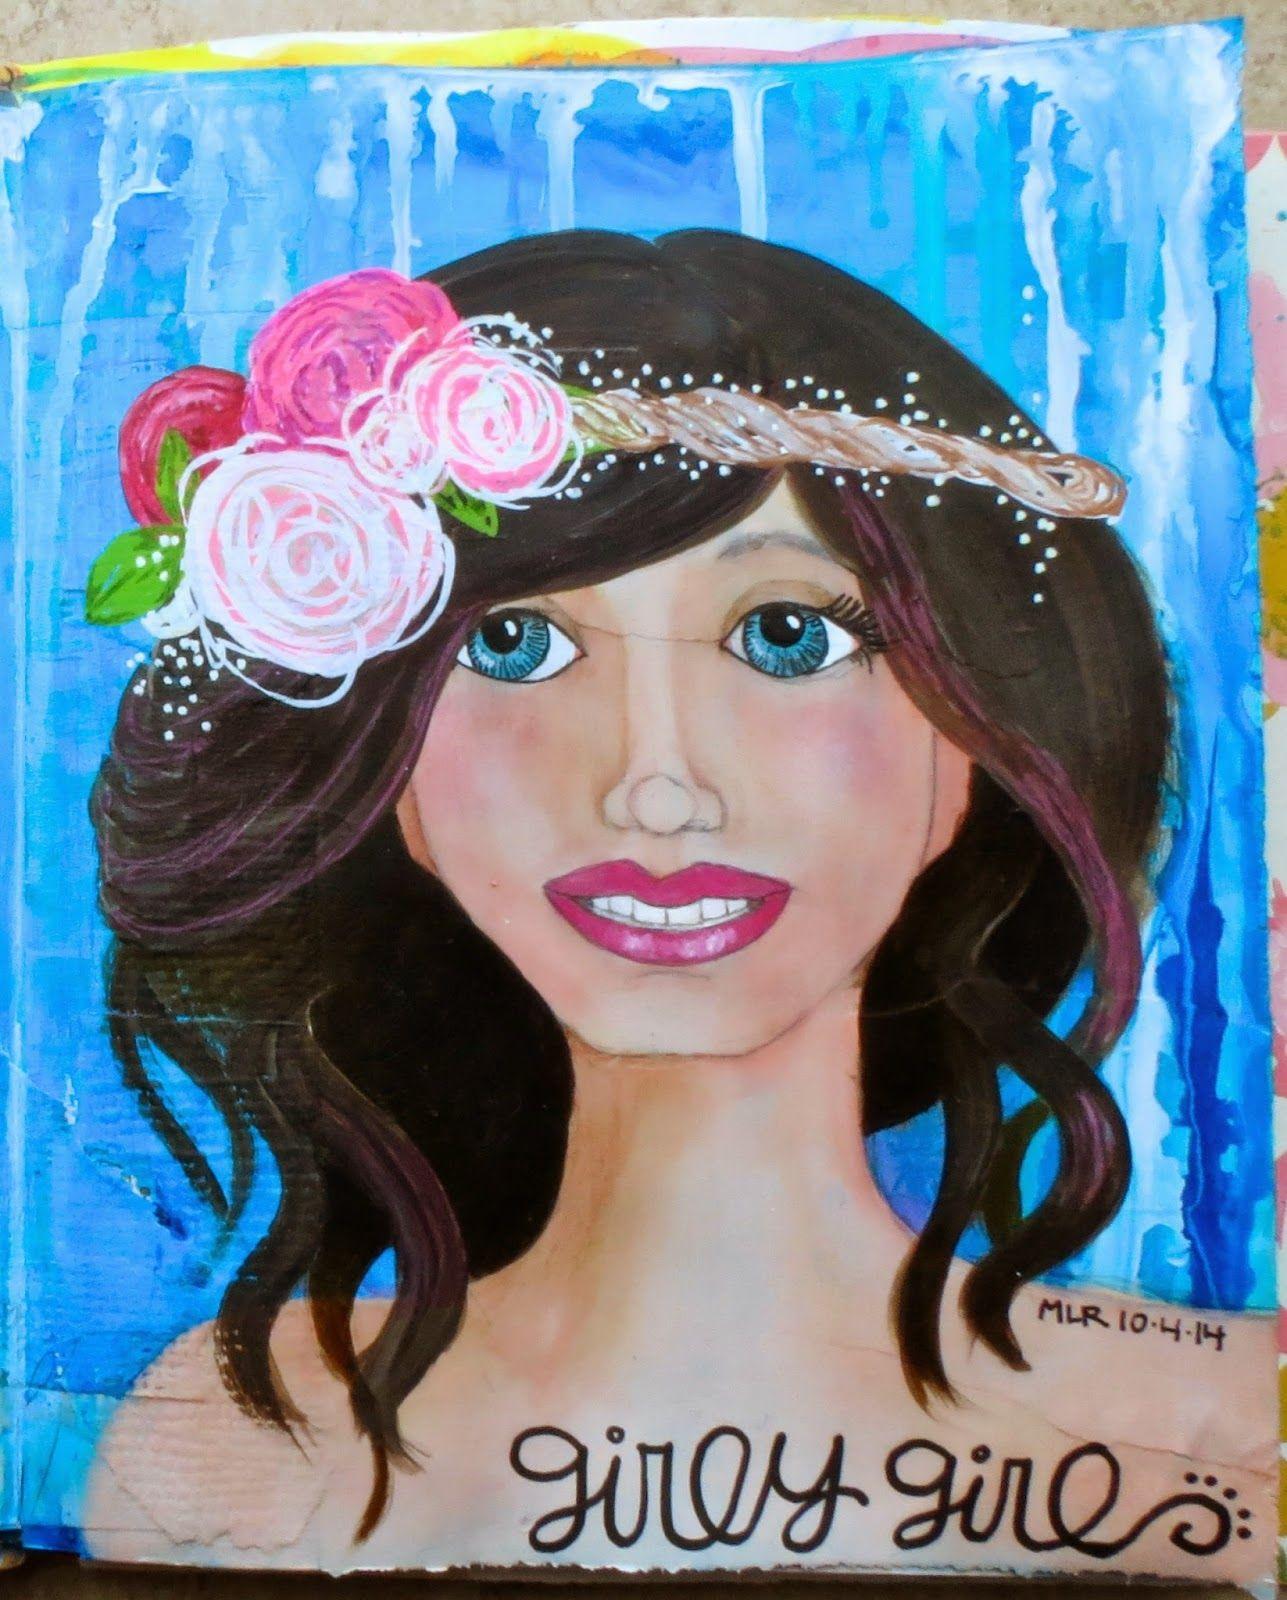 Inspiration Everywhere: The Girly Girl, Goddess and Stranger...